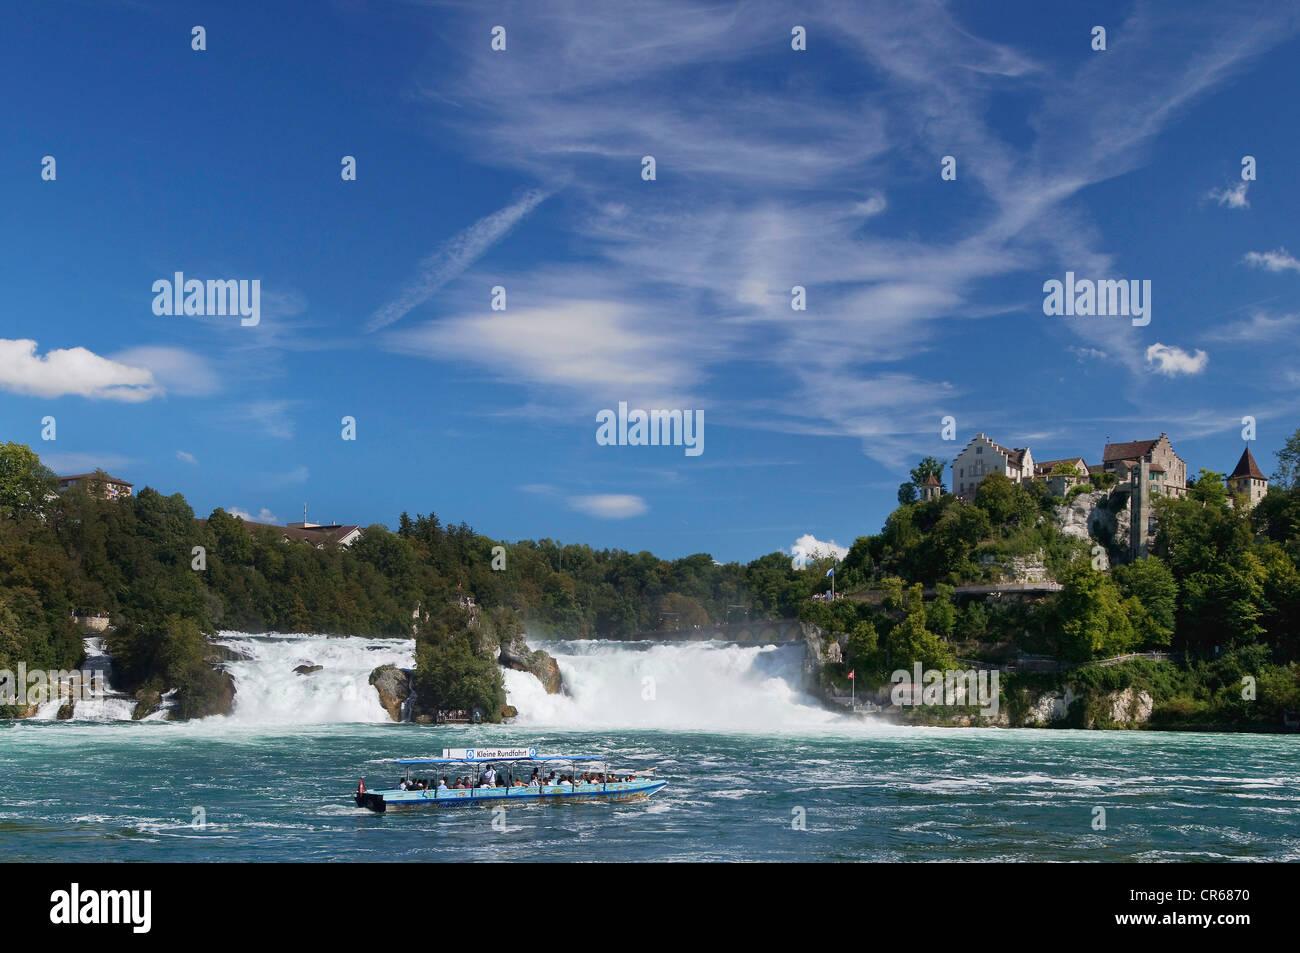 Blick auf den Rhein fällt Schaffhausen, kleinen Ausflugsschiff an Front, Schloss Laufen Burg am Rhein Wasserfall, Stockbild